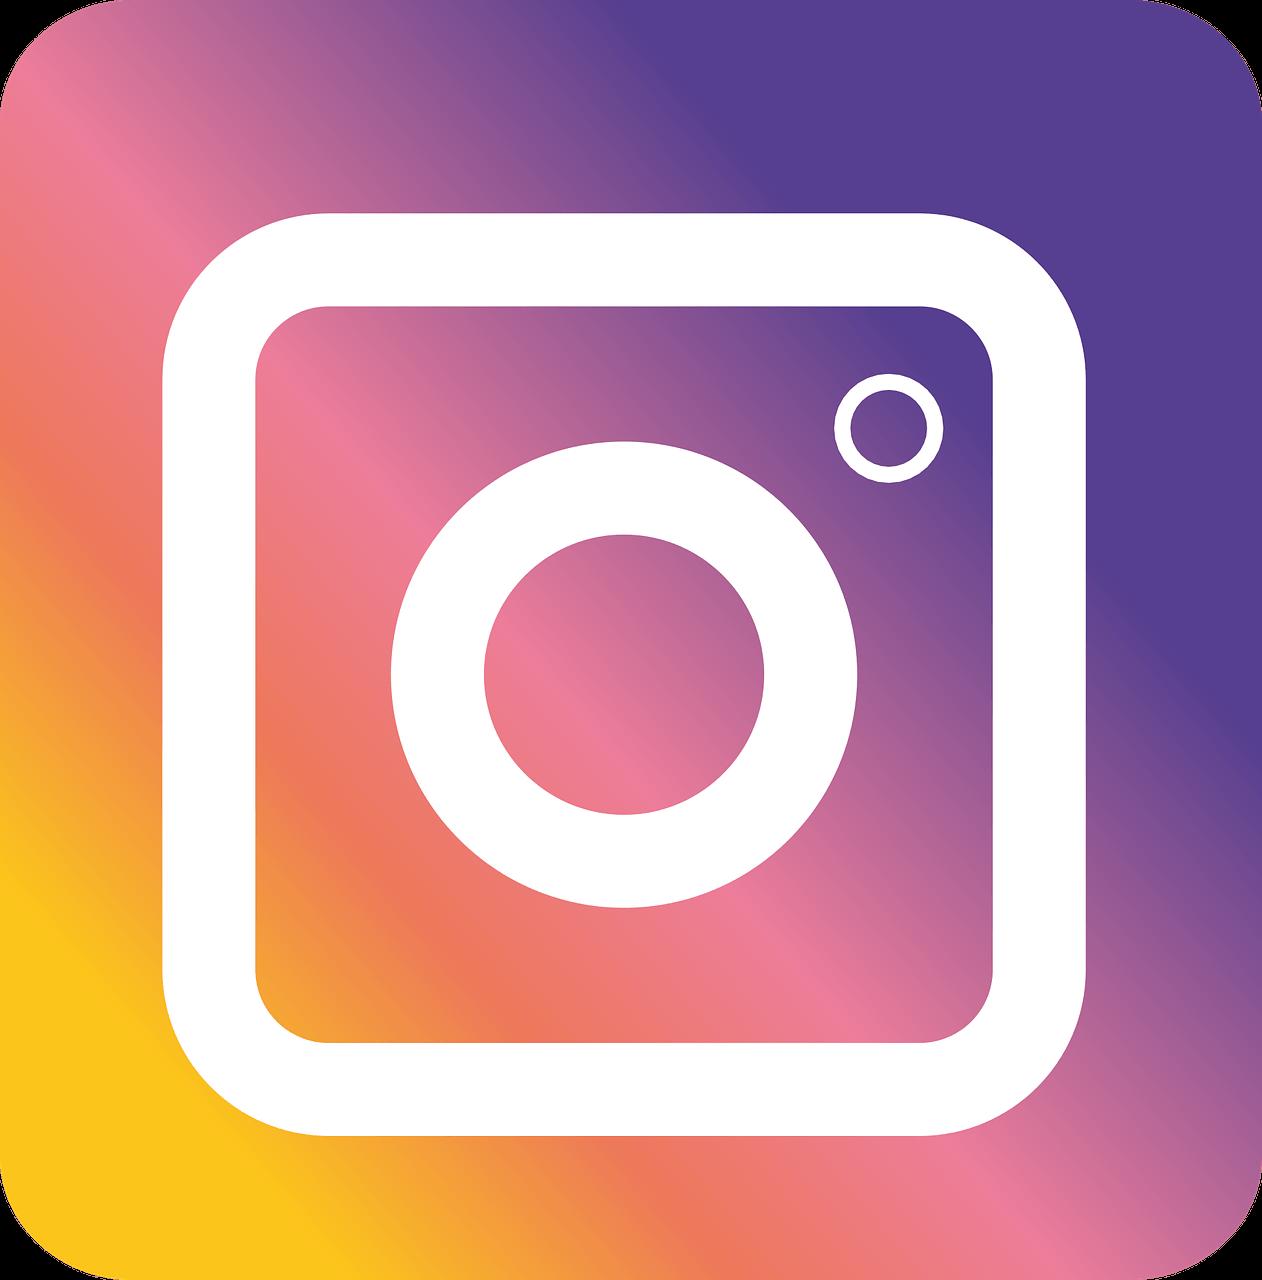 Setki kont na instagramie zostały przejęte. Winny link z Rosji?